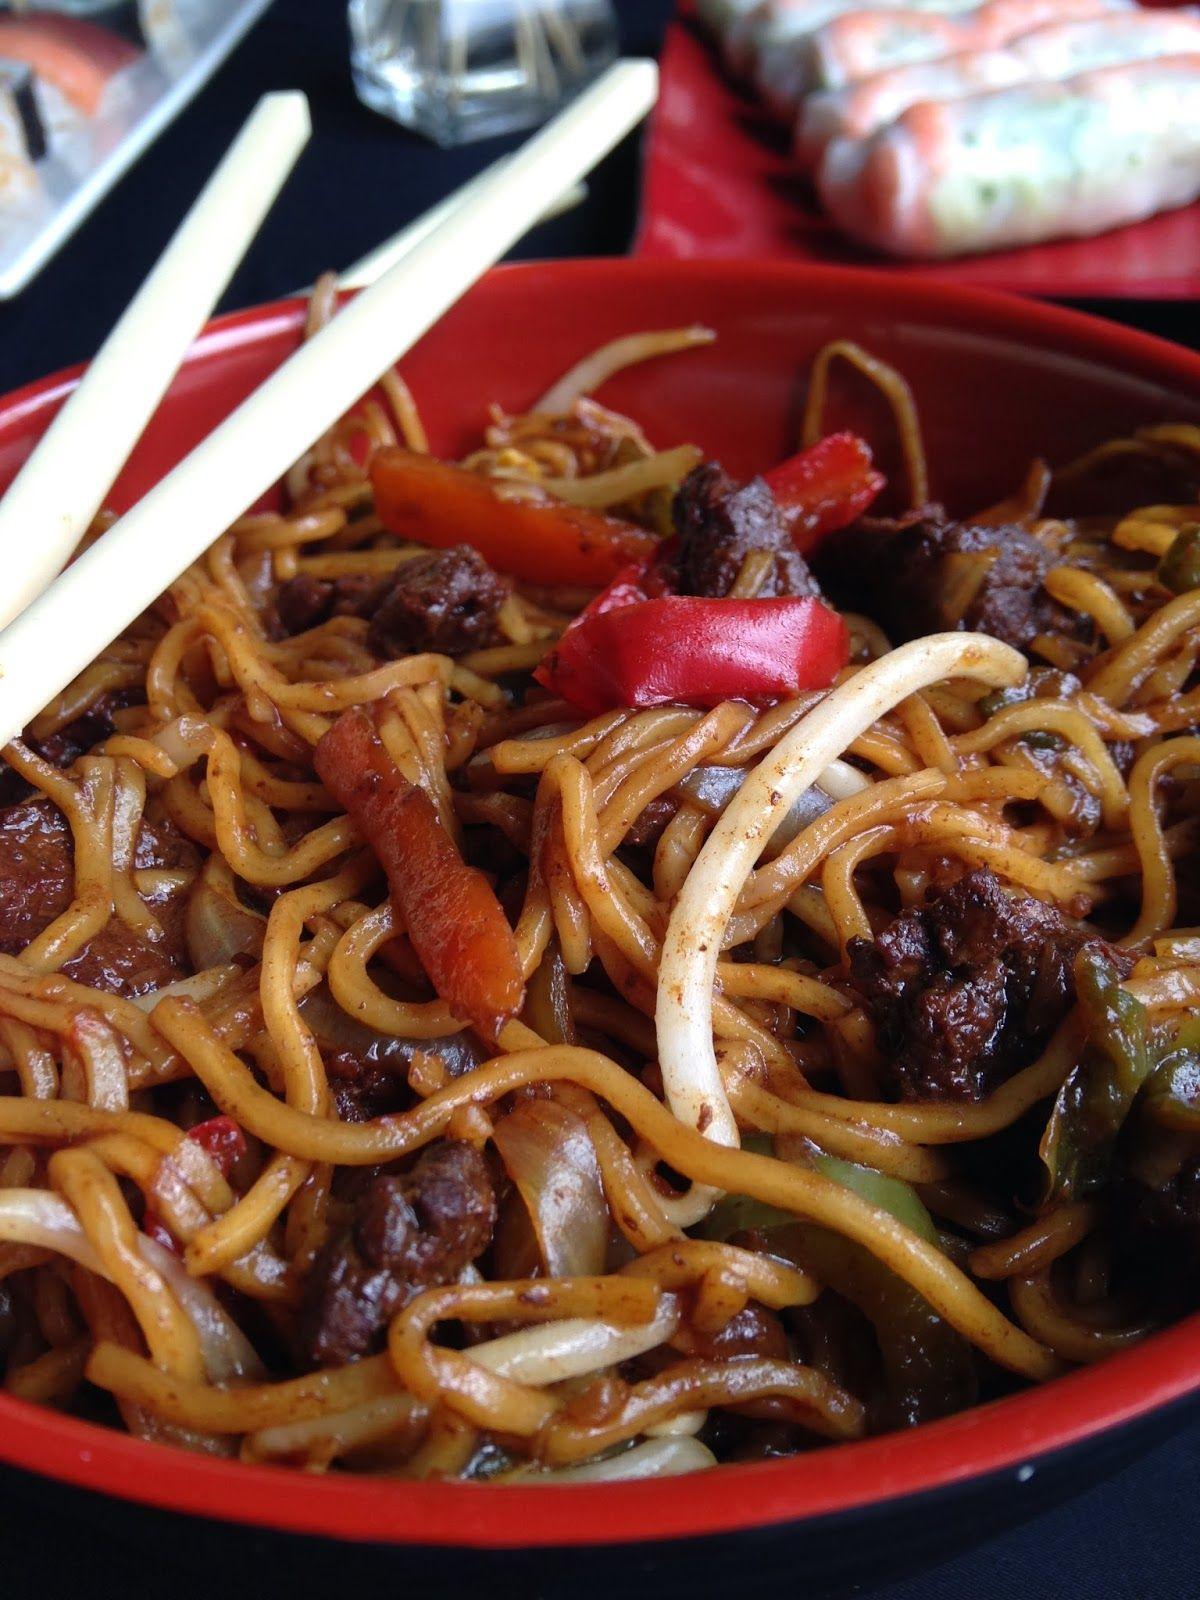 nouilles chinoises saut es boeuf legumes pasta pinterest saut boeuf nouilles chinoises. Black Bedroom Furniture Sets. Home Design Ideas